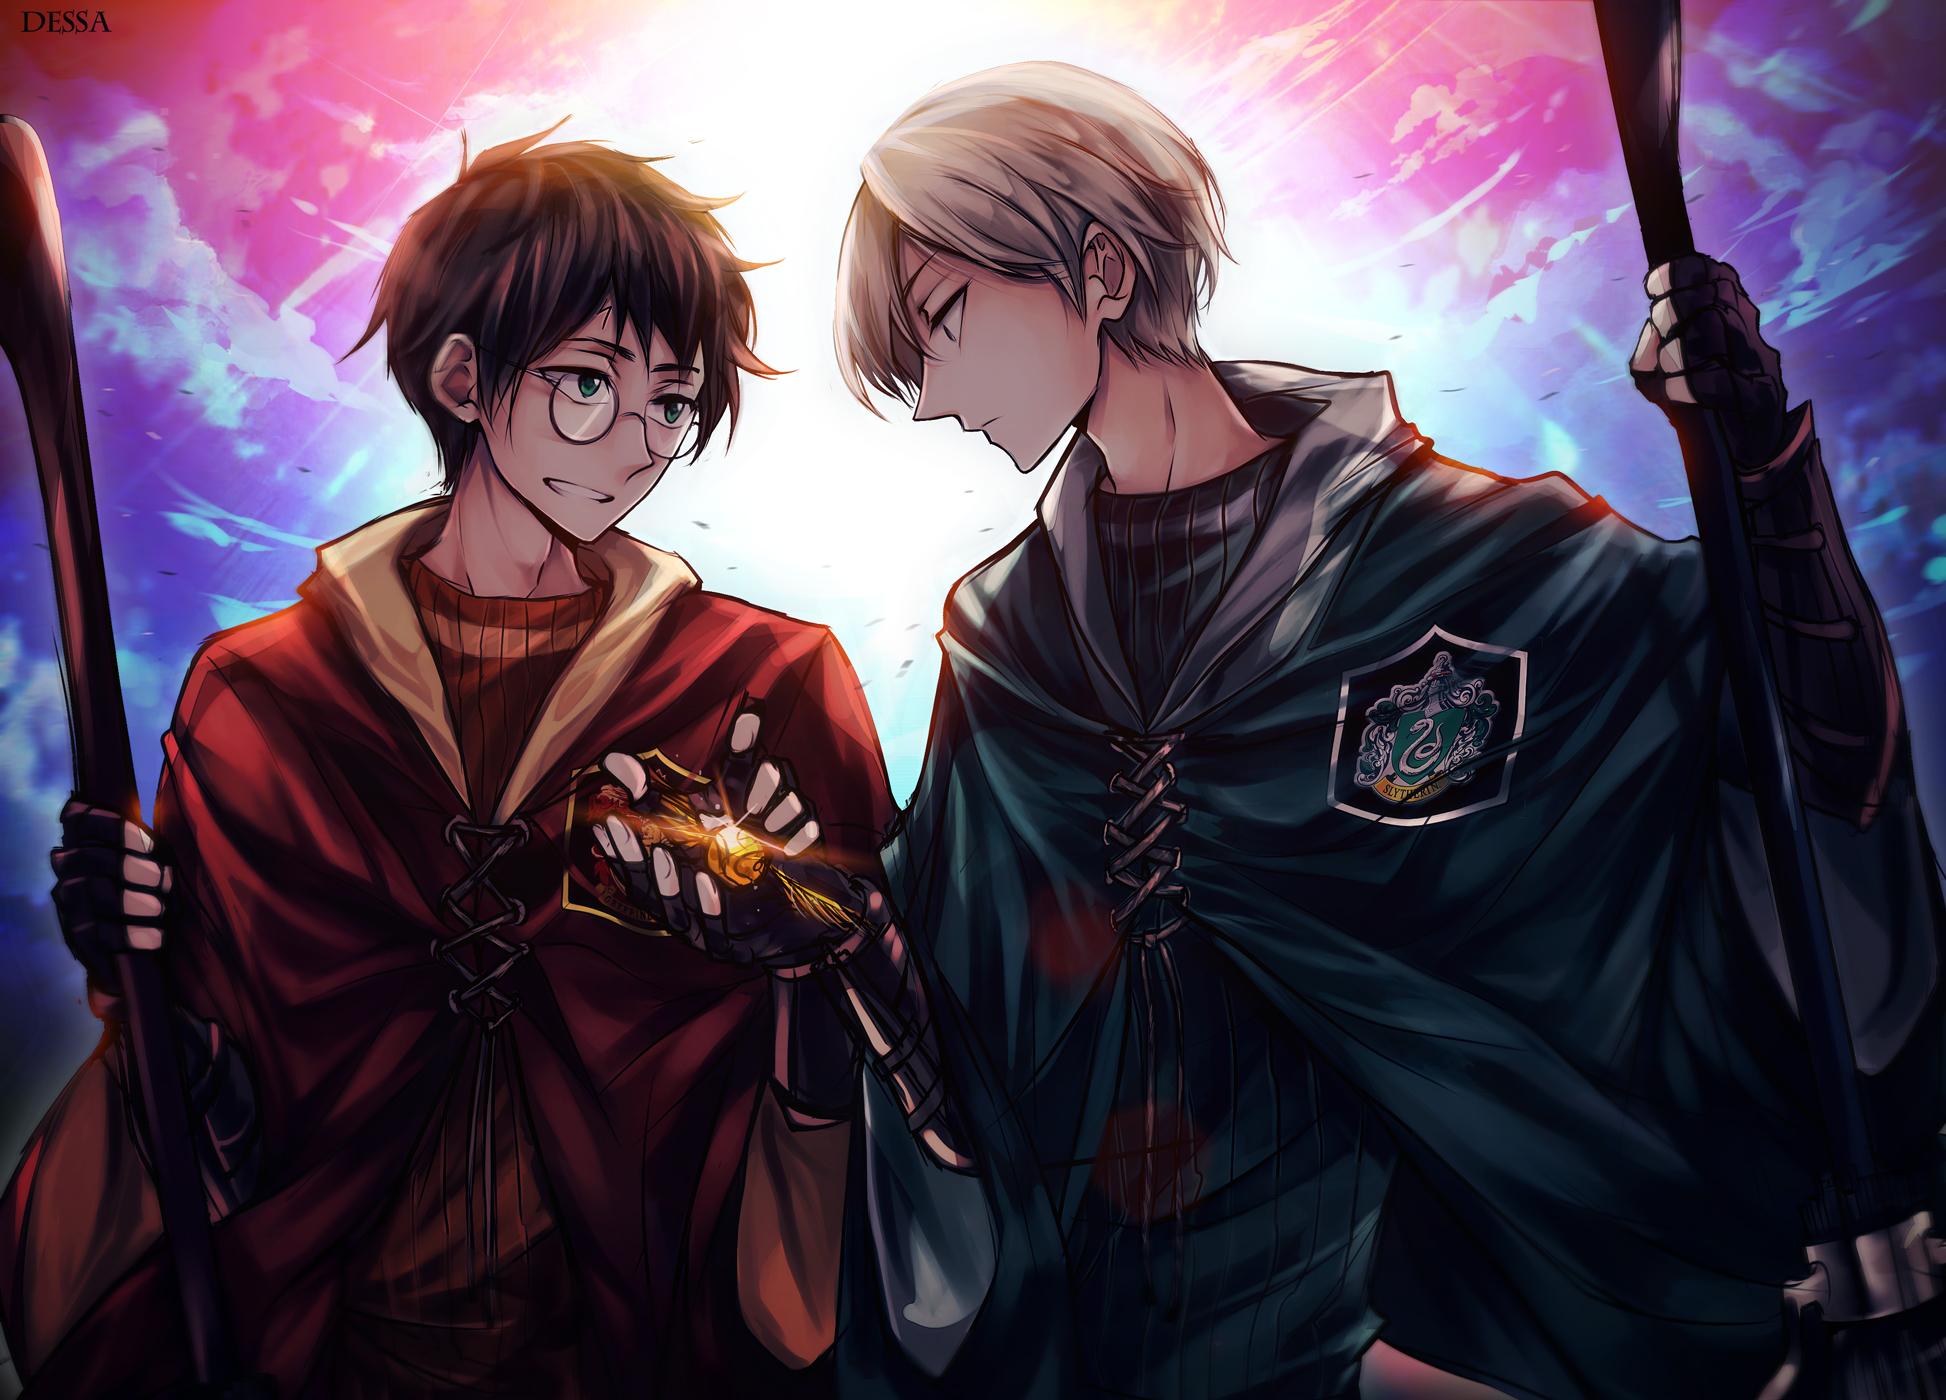 Гарри Поттер, Драко Малфой, арт, art, красивые картинки